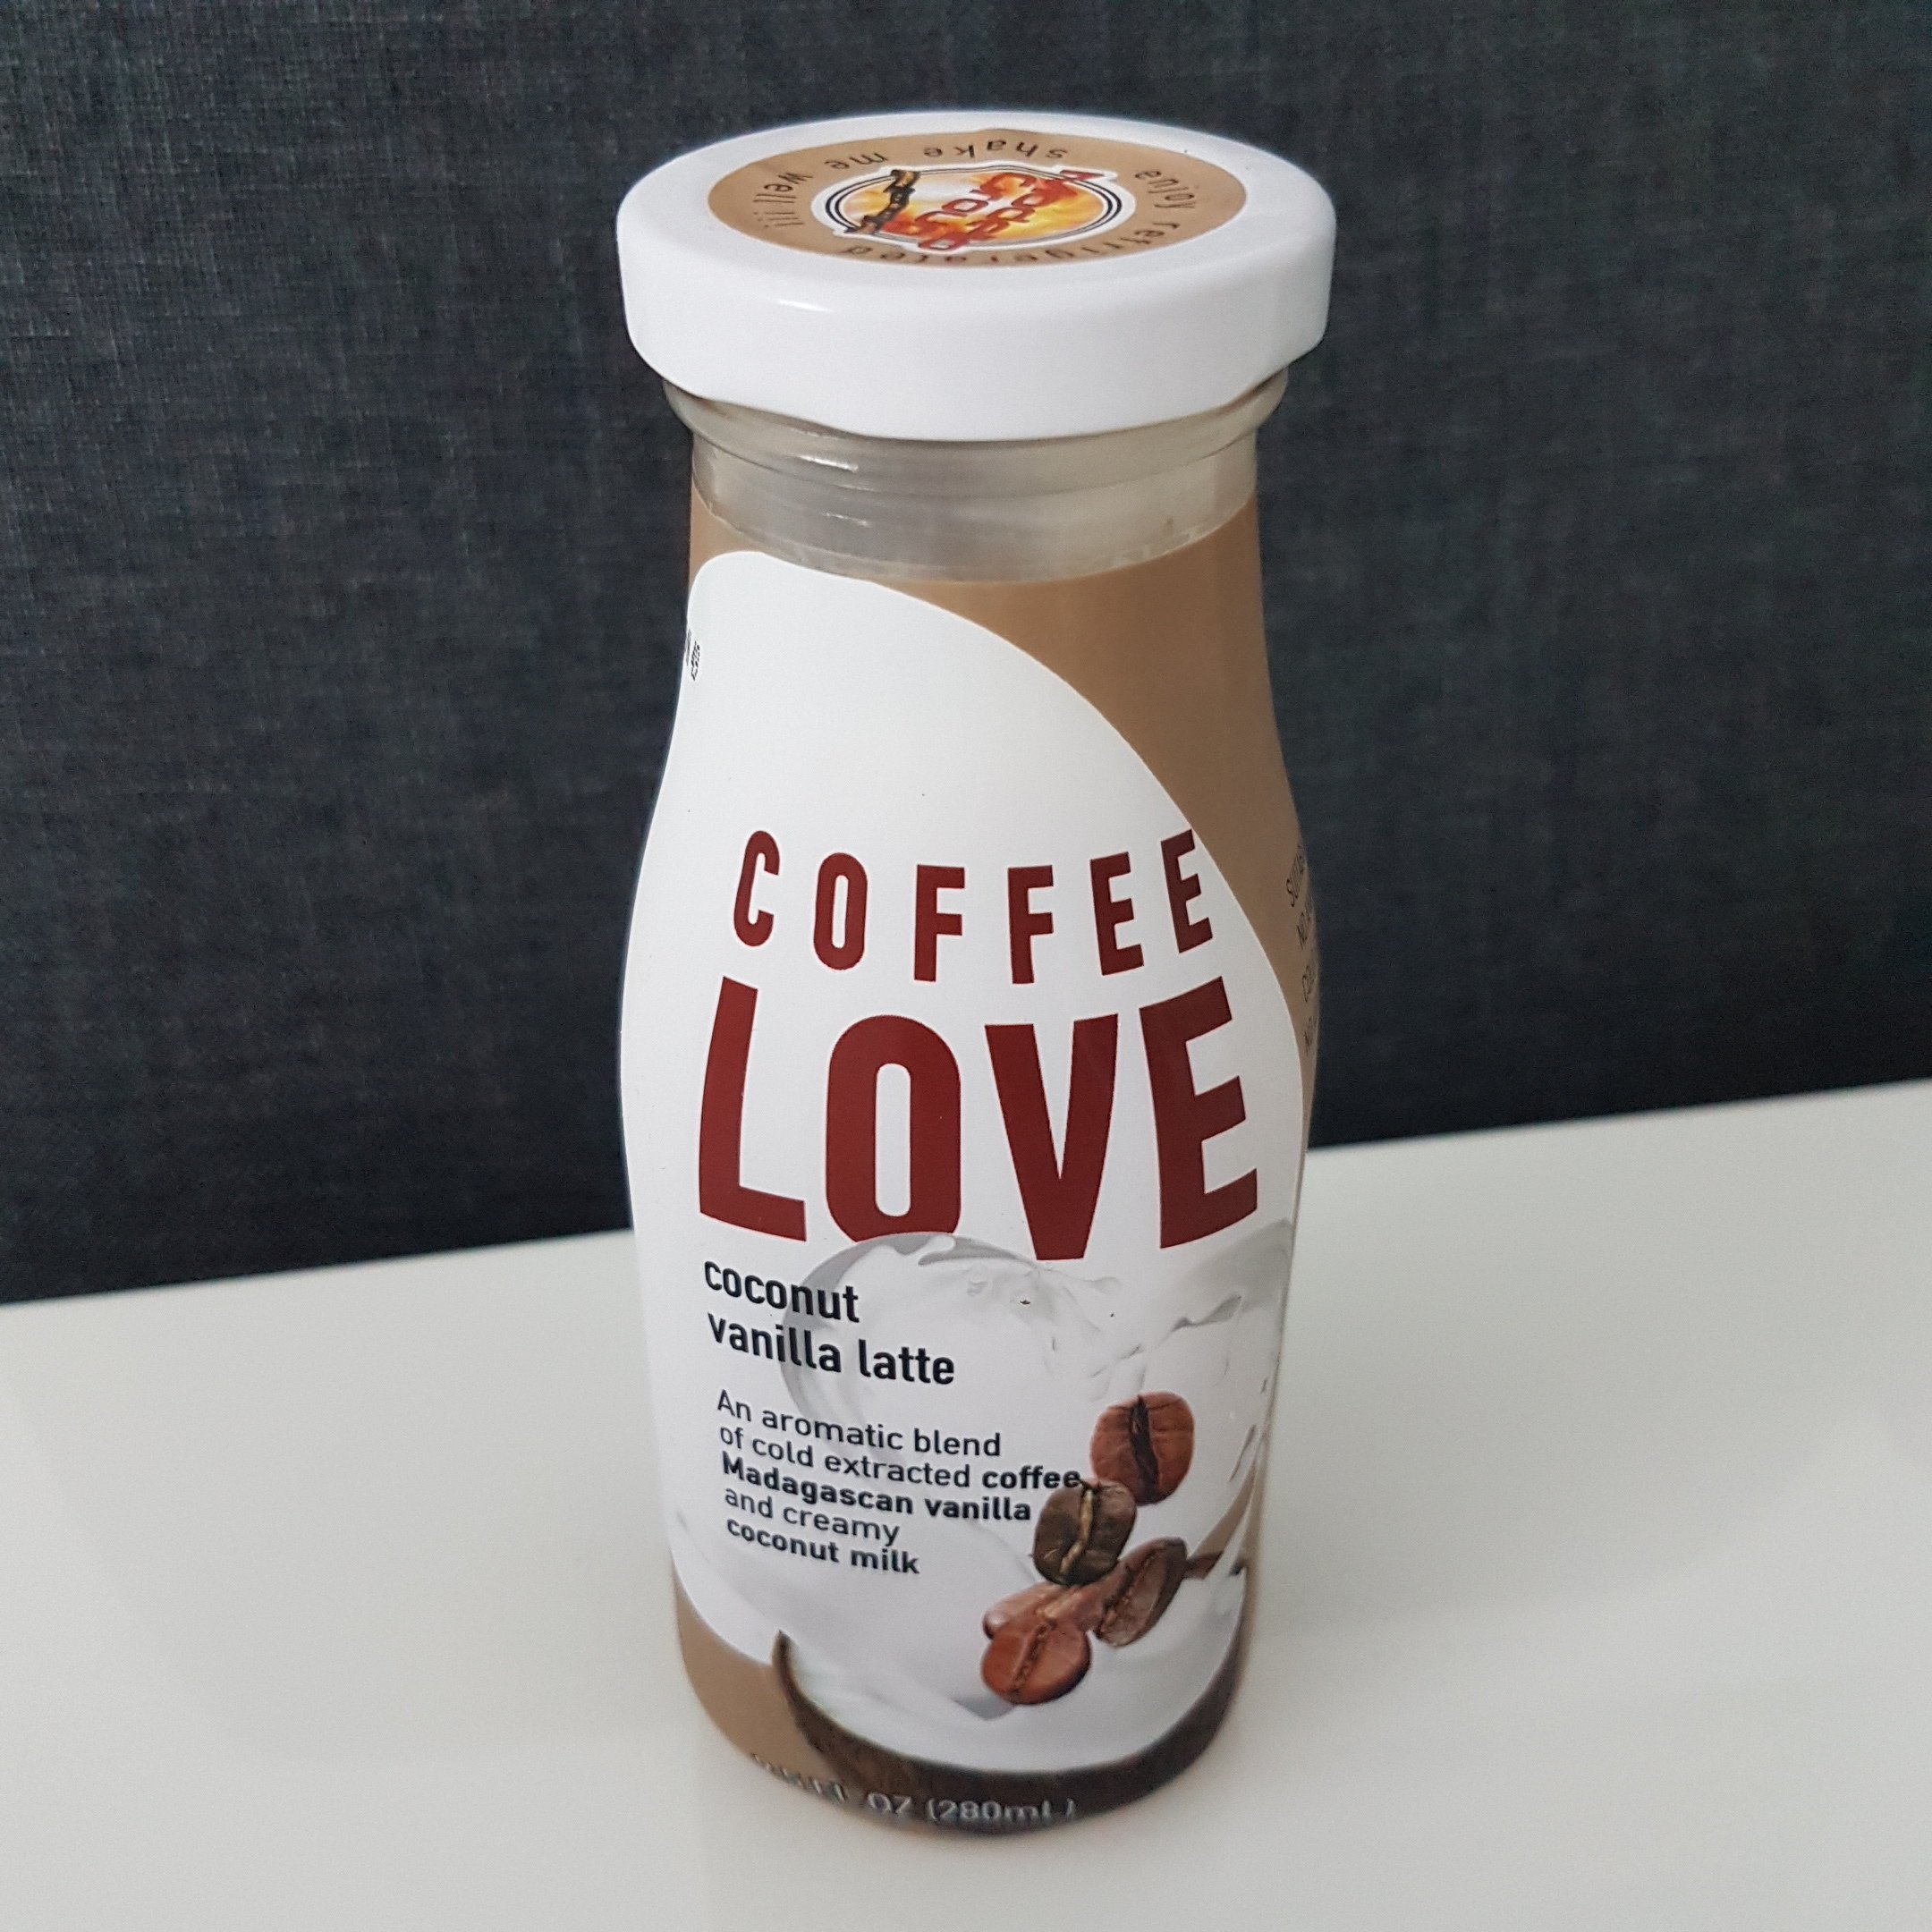 COFFEE LOVE - coconut vanilla latte - itstartswithacoffee.com #coffee #coffeelove #latte